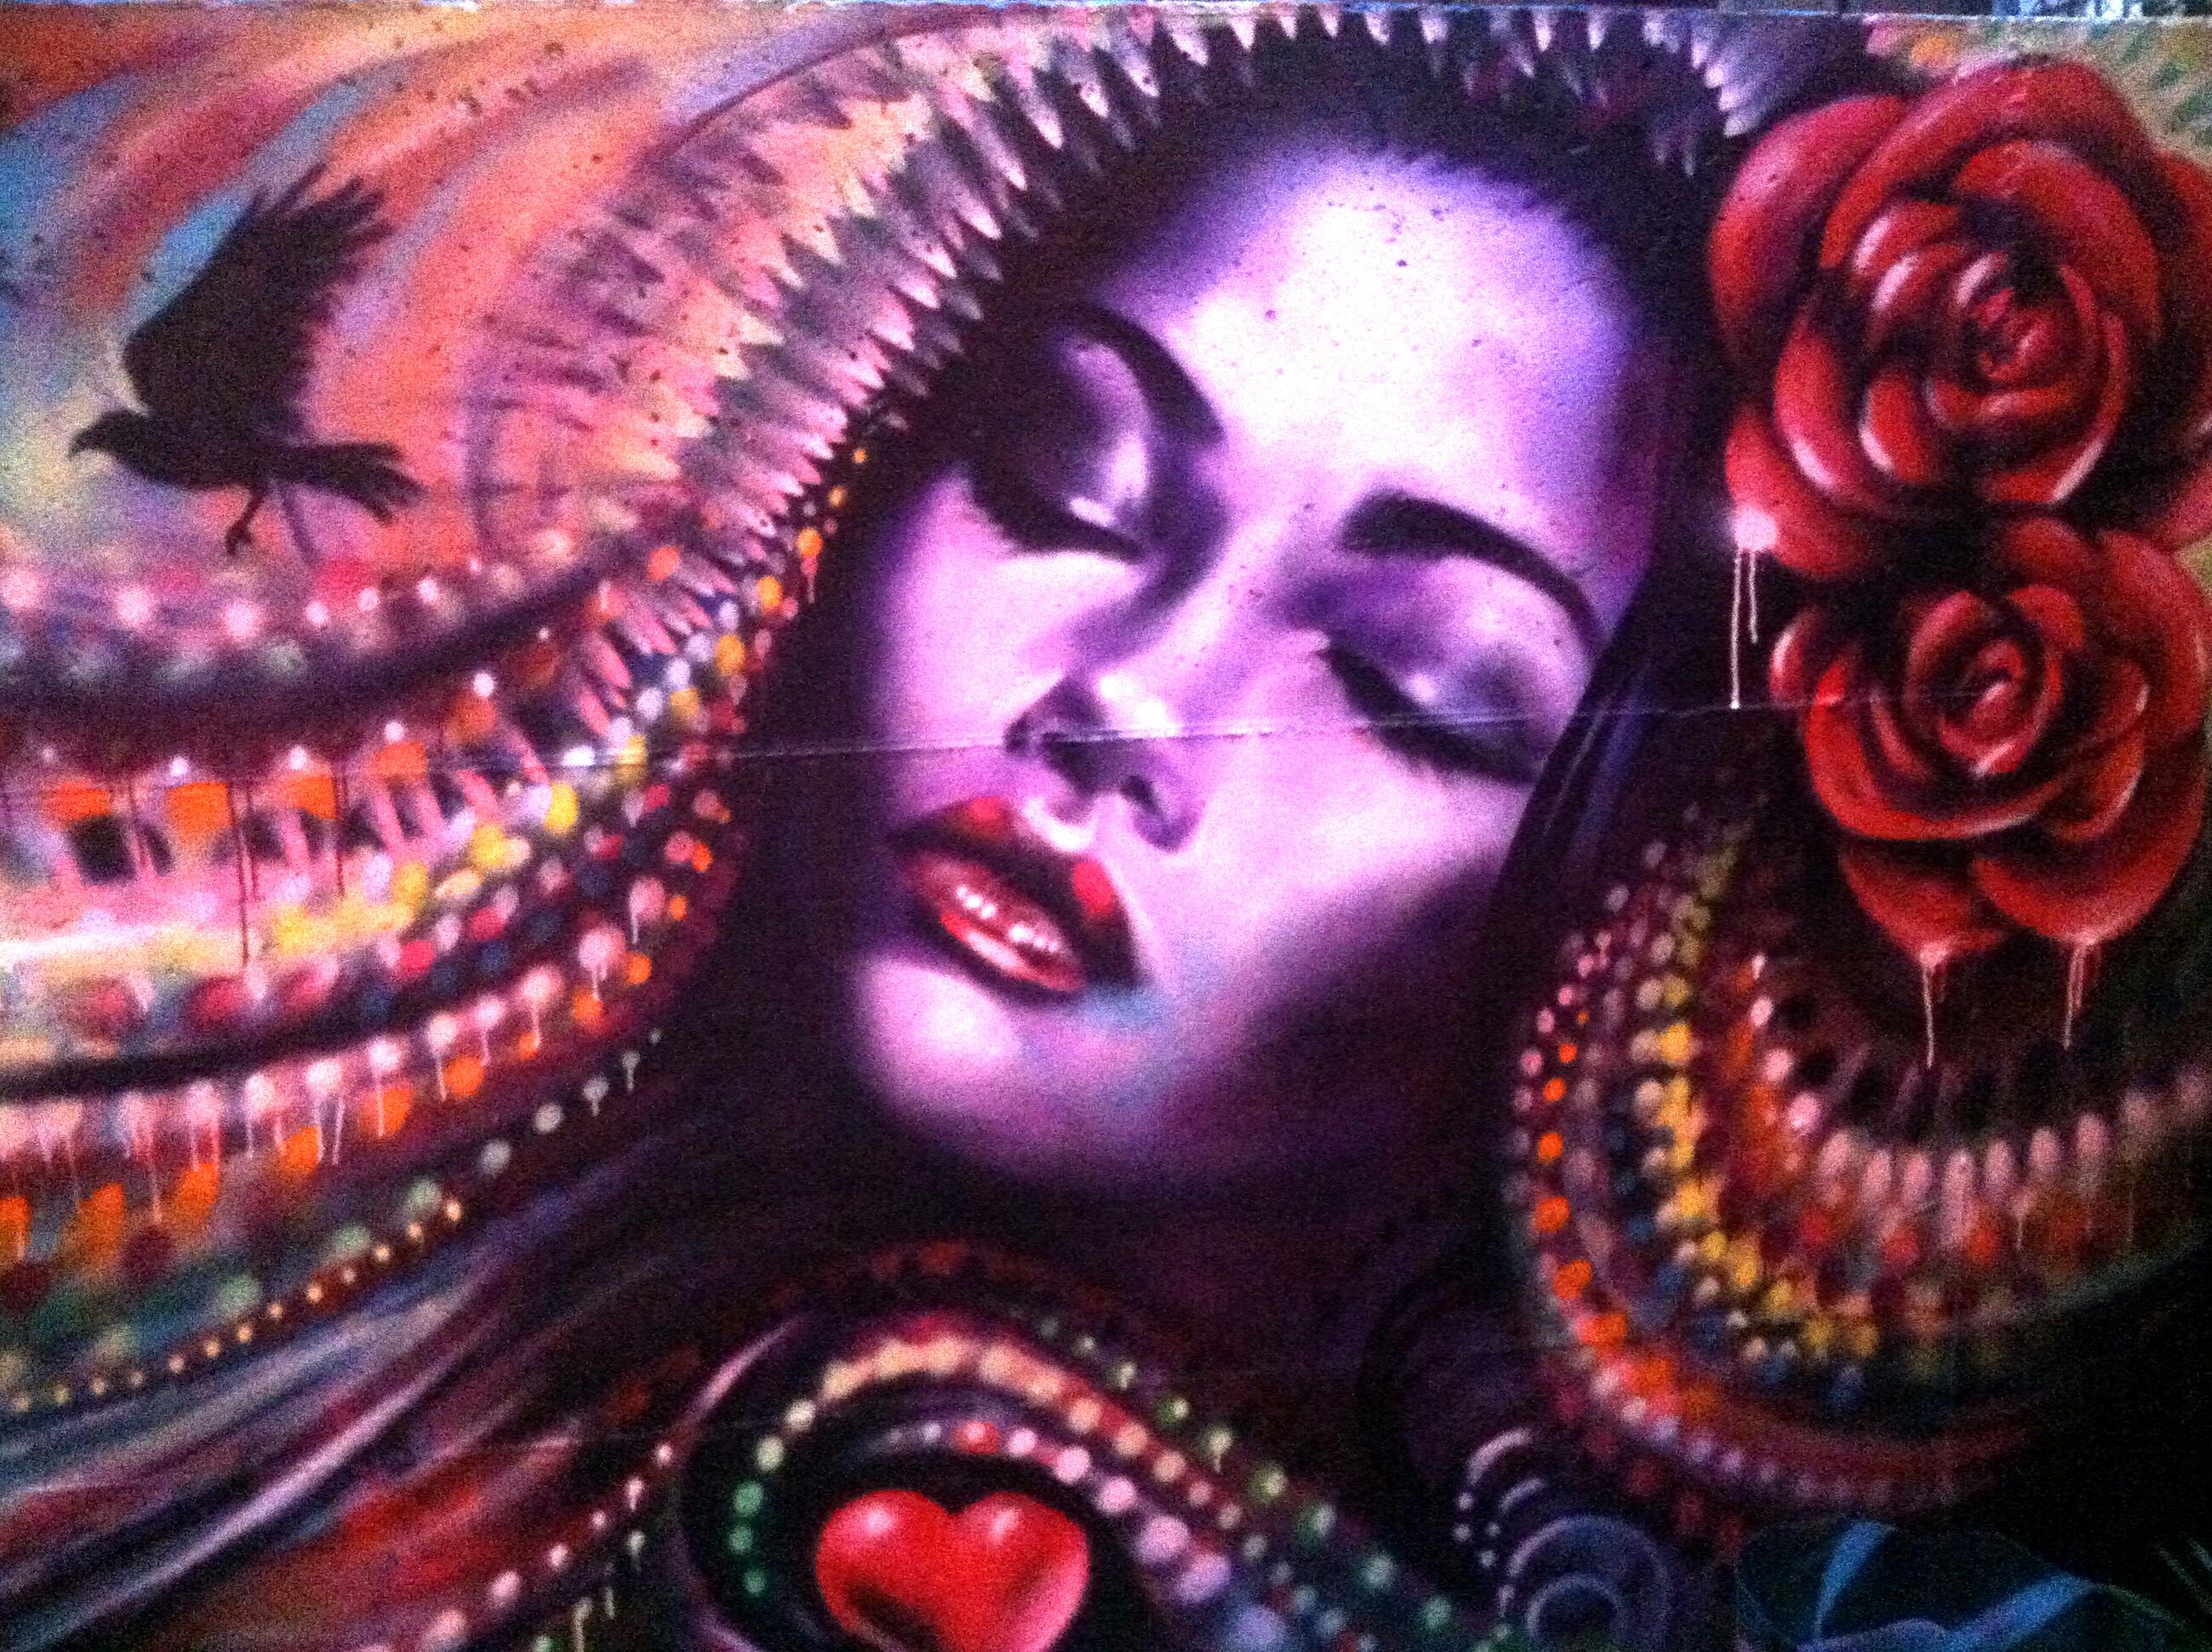 Mary by angotti81